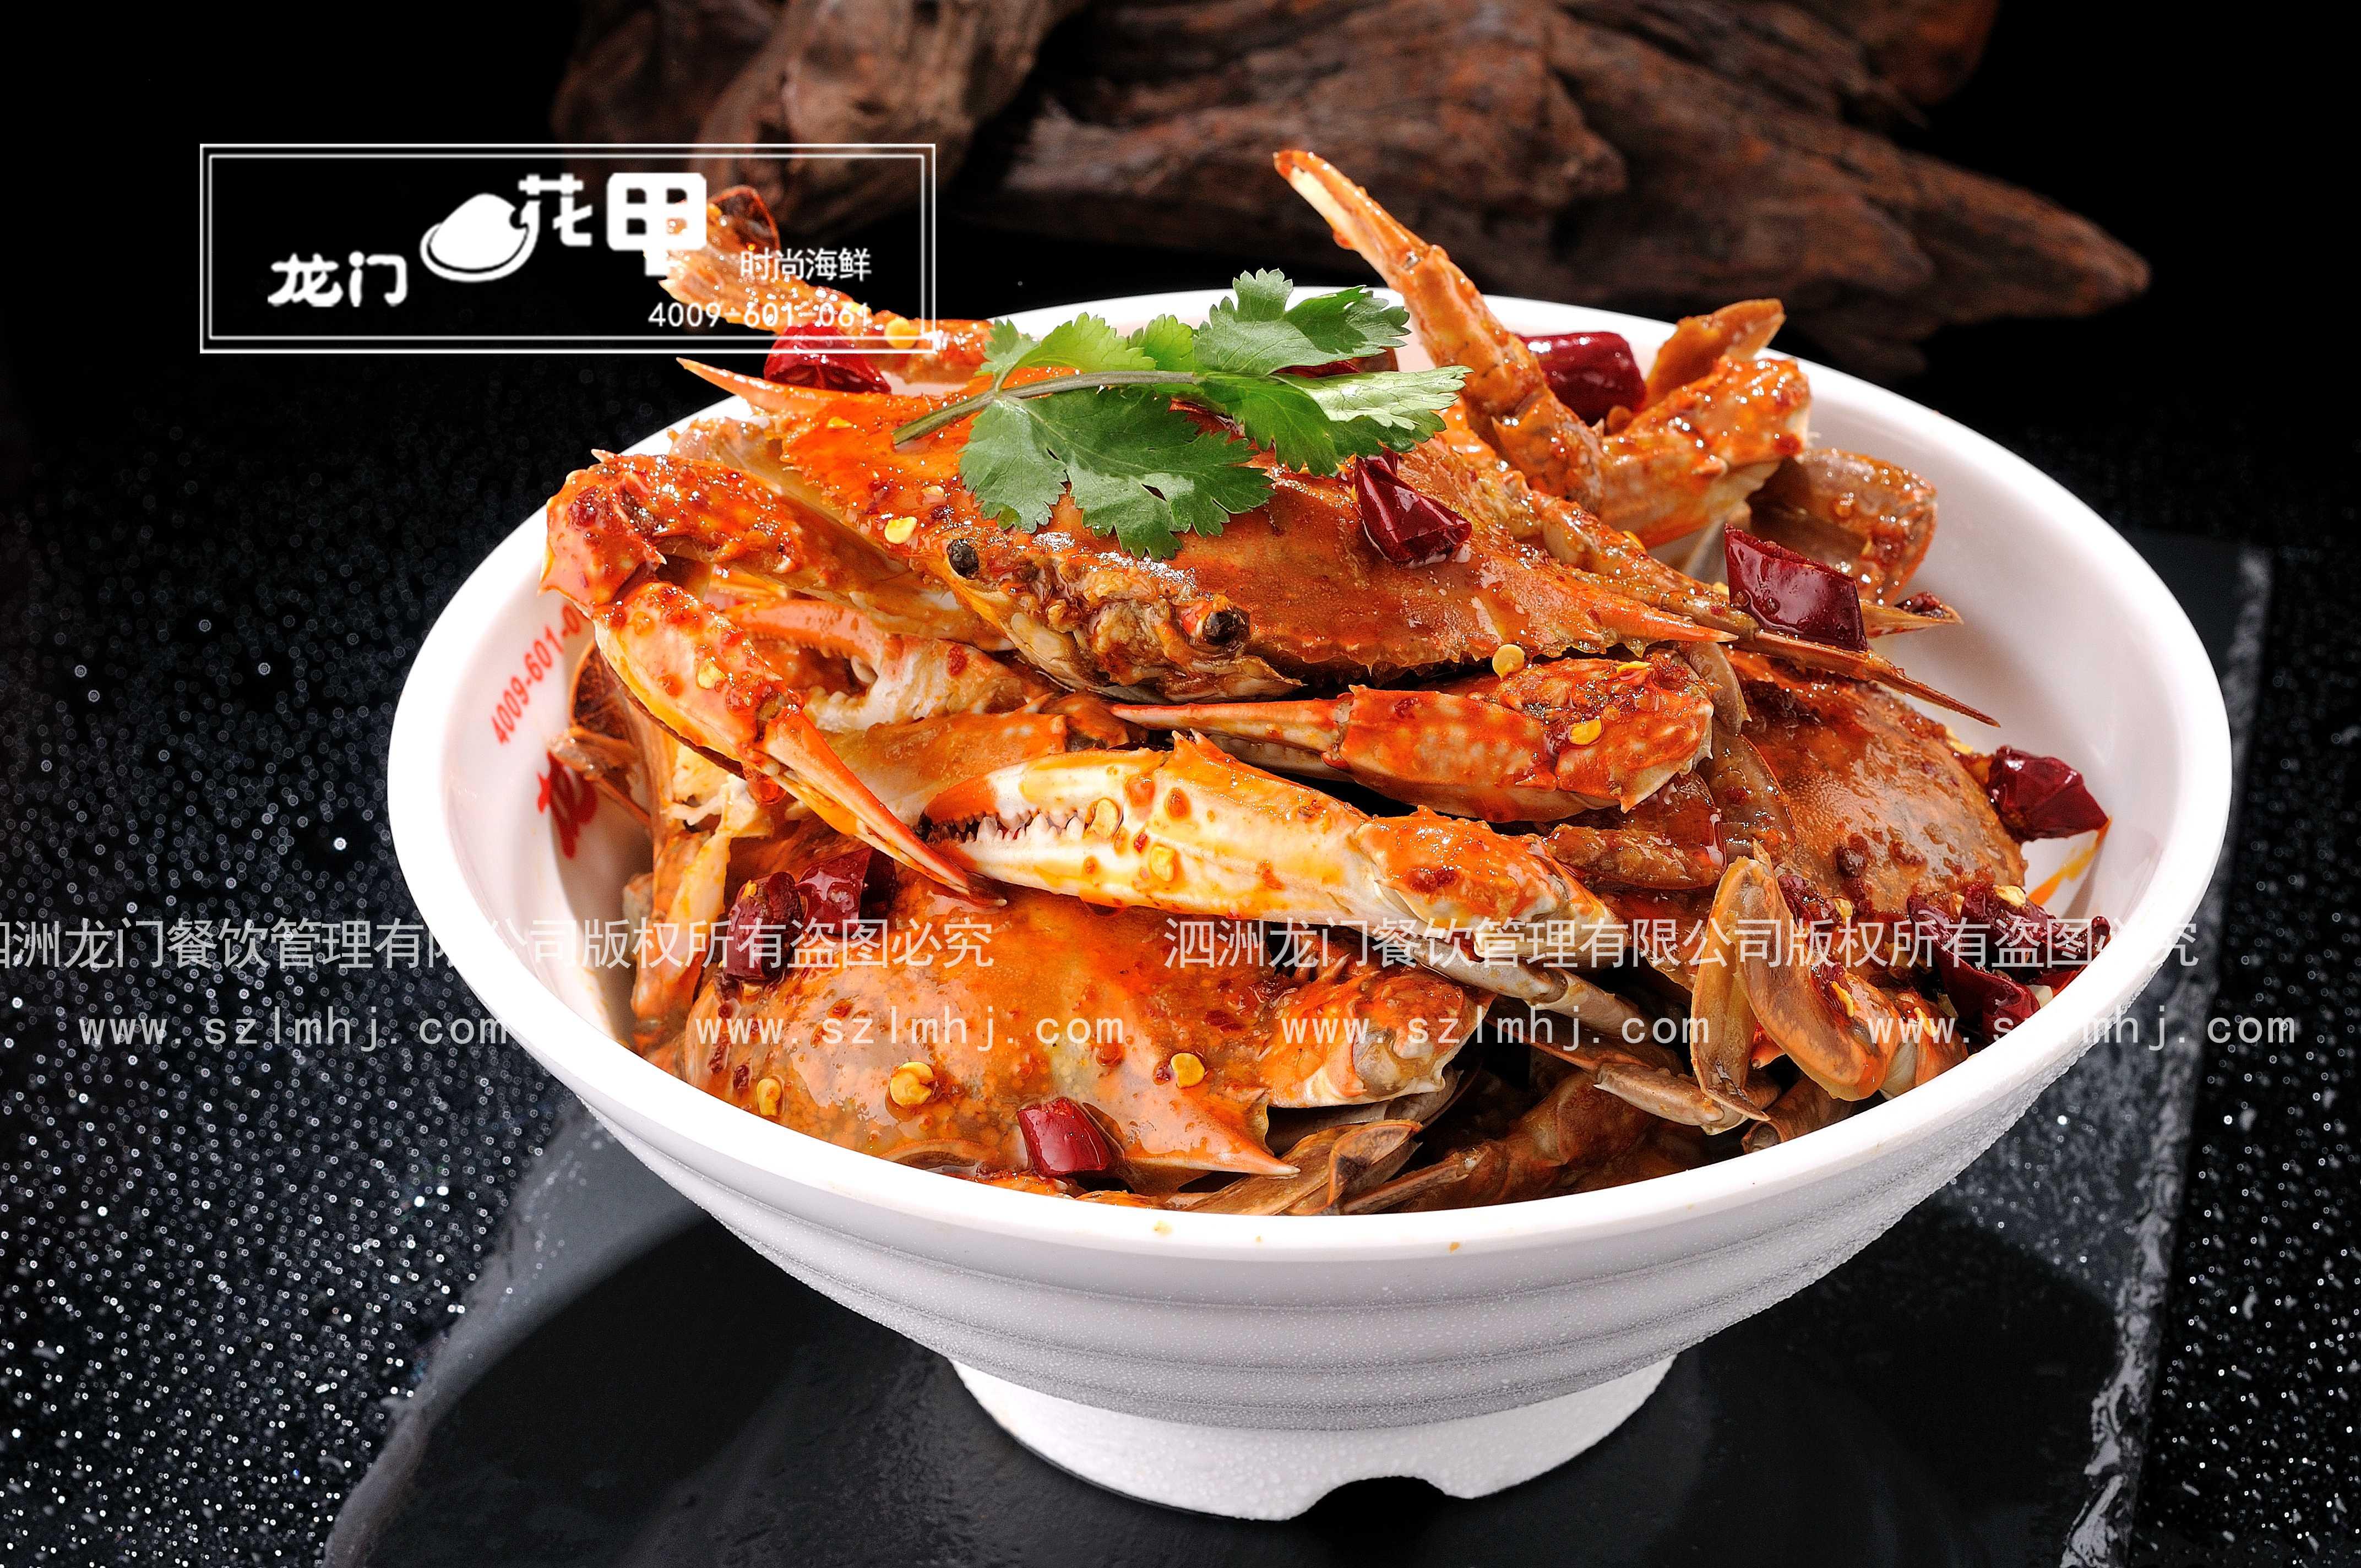 龙门花甲产品-龙门香辣蟹